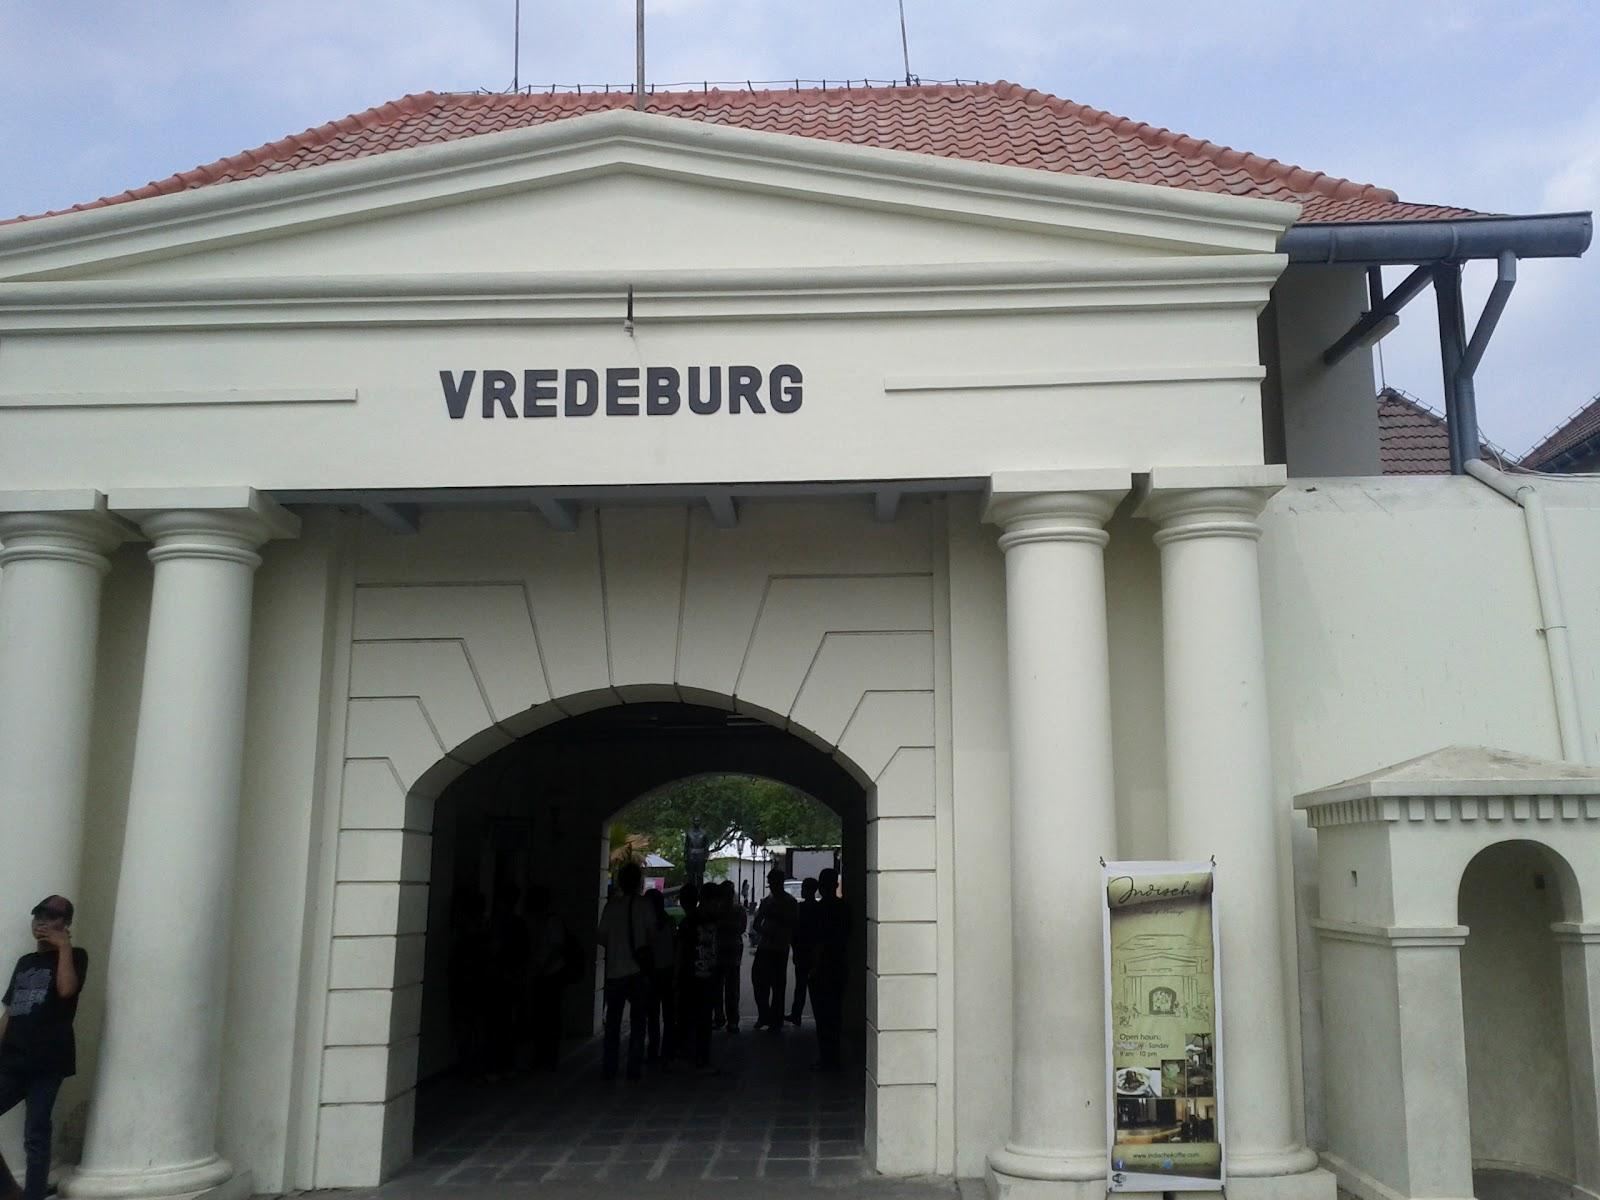 Sebuah Catatan Menikmati Keindahan Benteng Vredeburg Hari Pertama Setelah Tiba